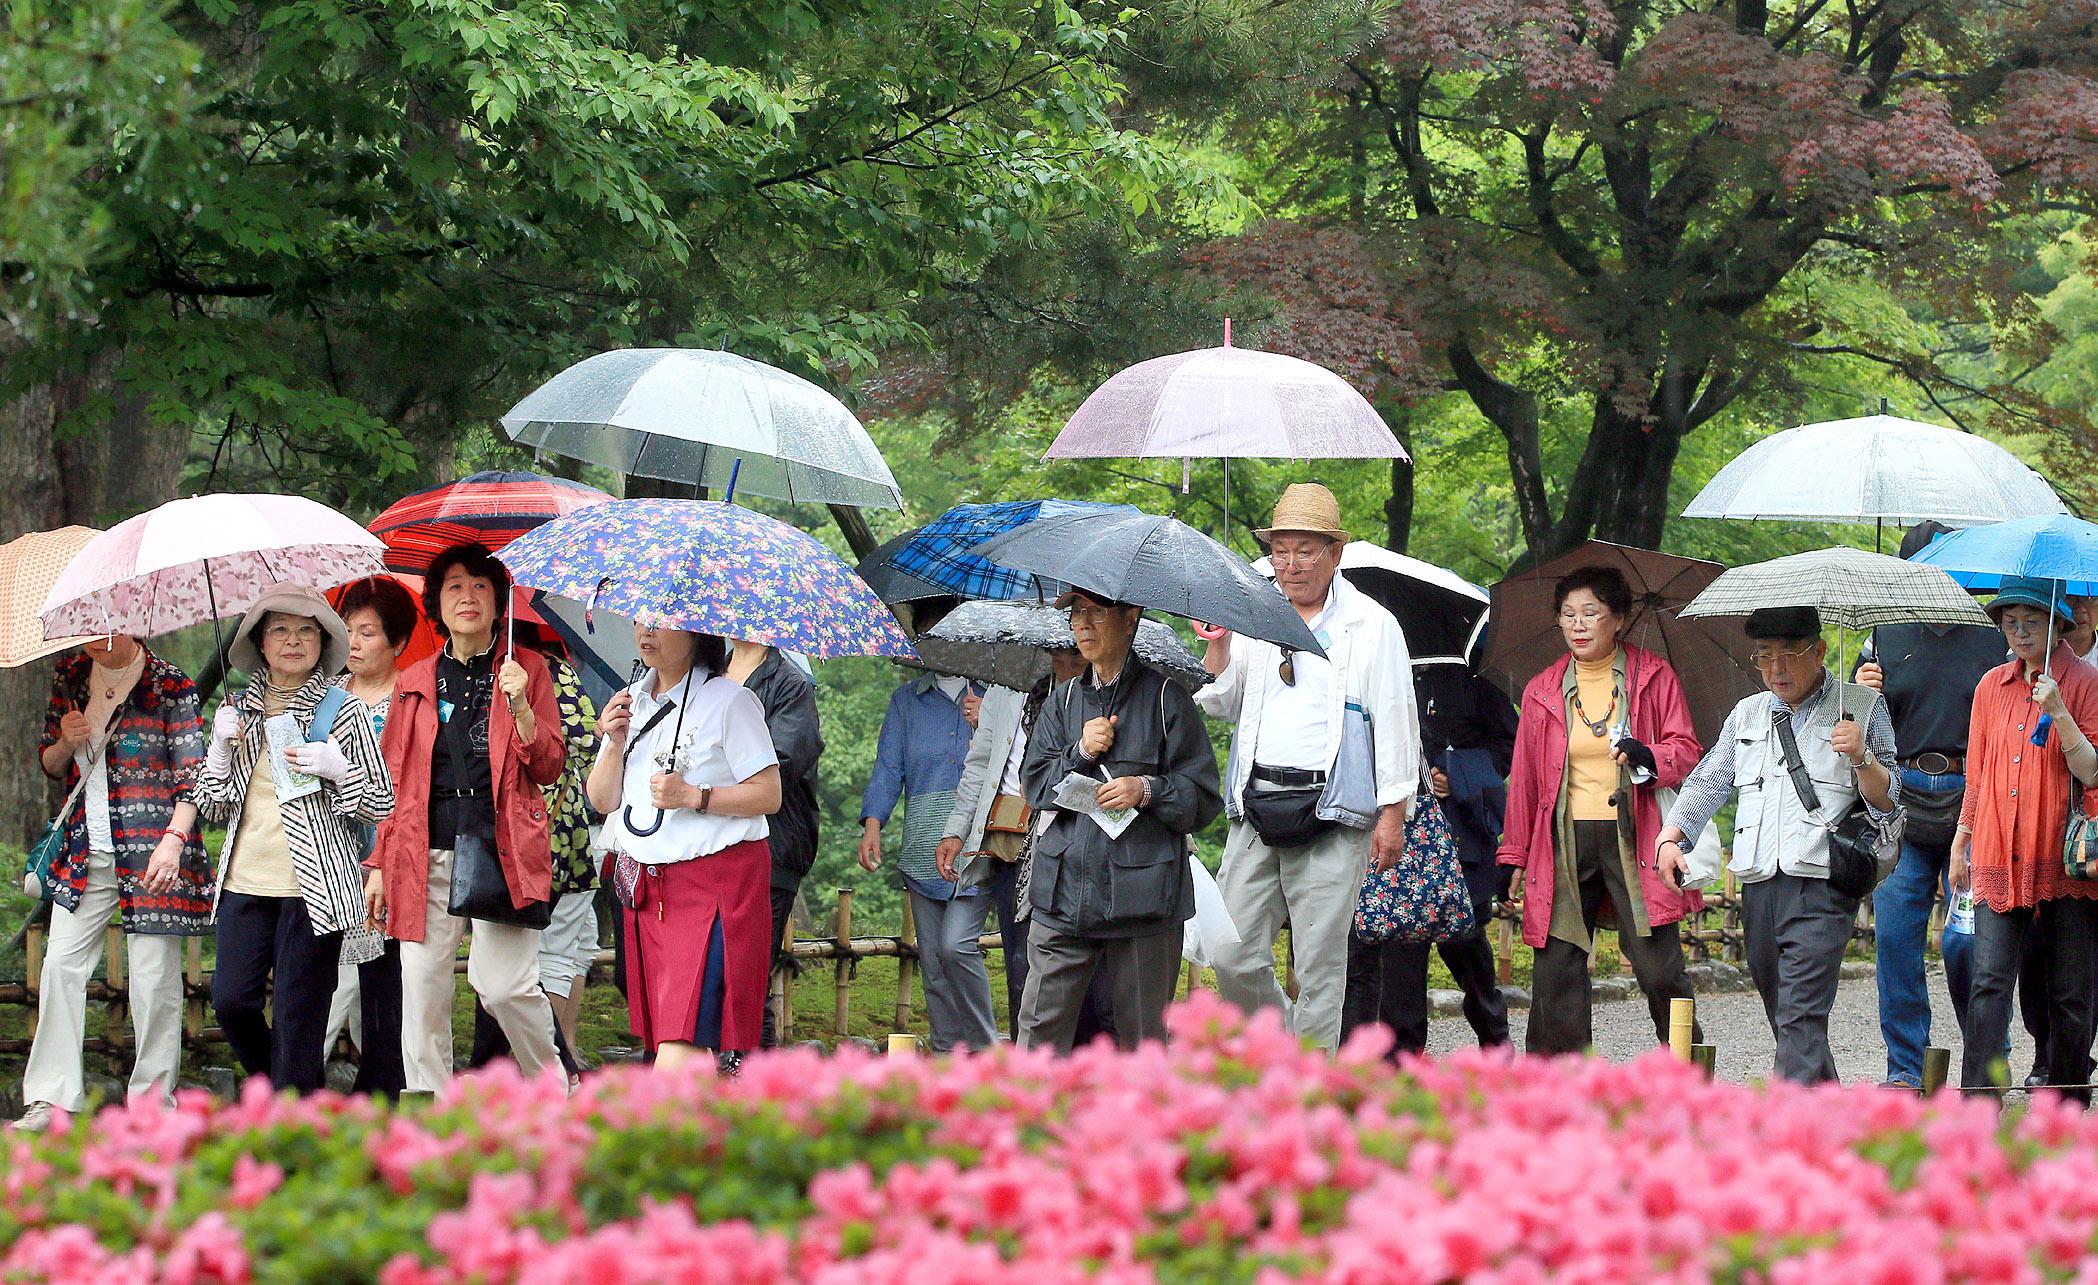 雨の中園内を散策する観光客=3日午前11時半、兼六園